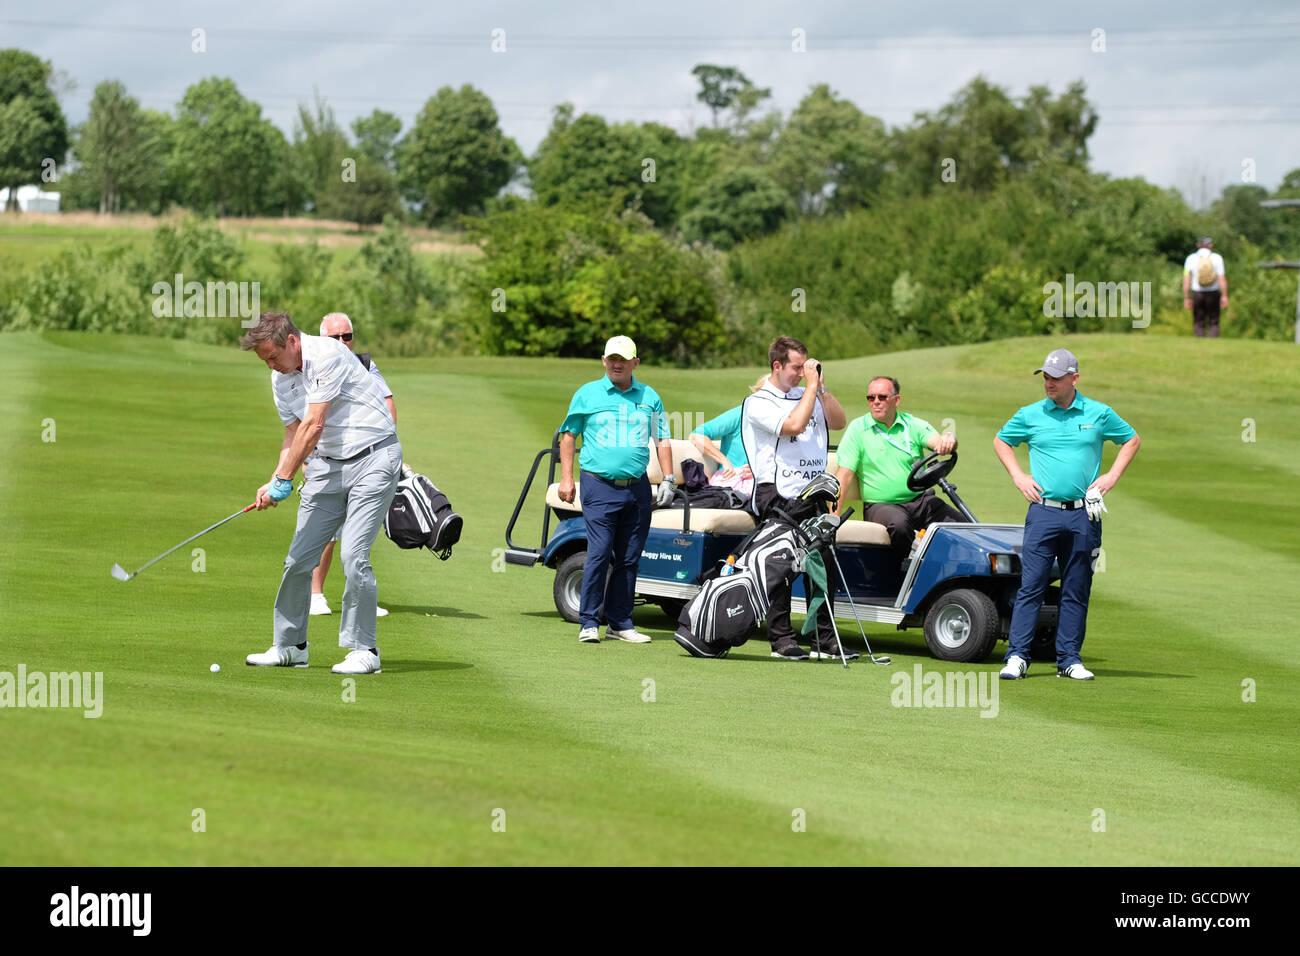 Celtic Manor di Newport, Galles - Sabato 9 Luglio 2016 - la celebrità Cup Competizione golf imprenditore Peter Immagini Stock